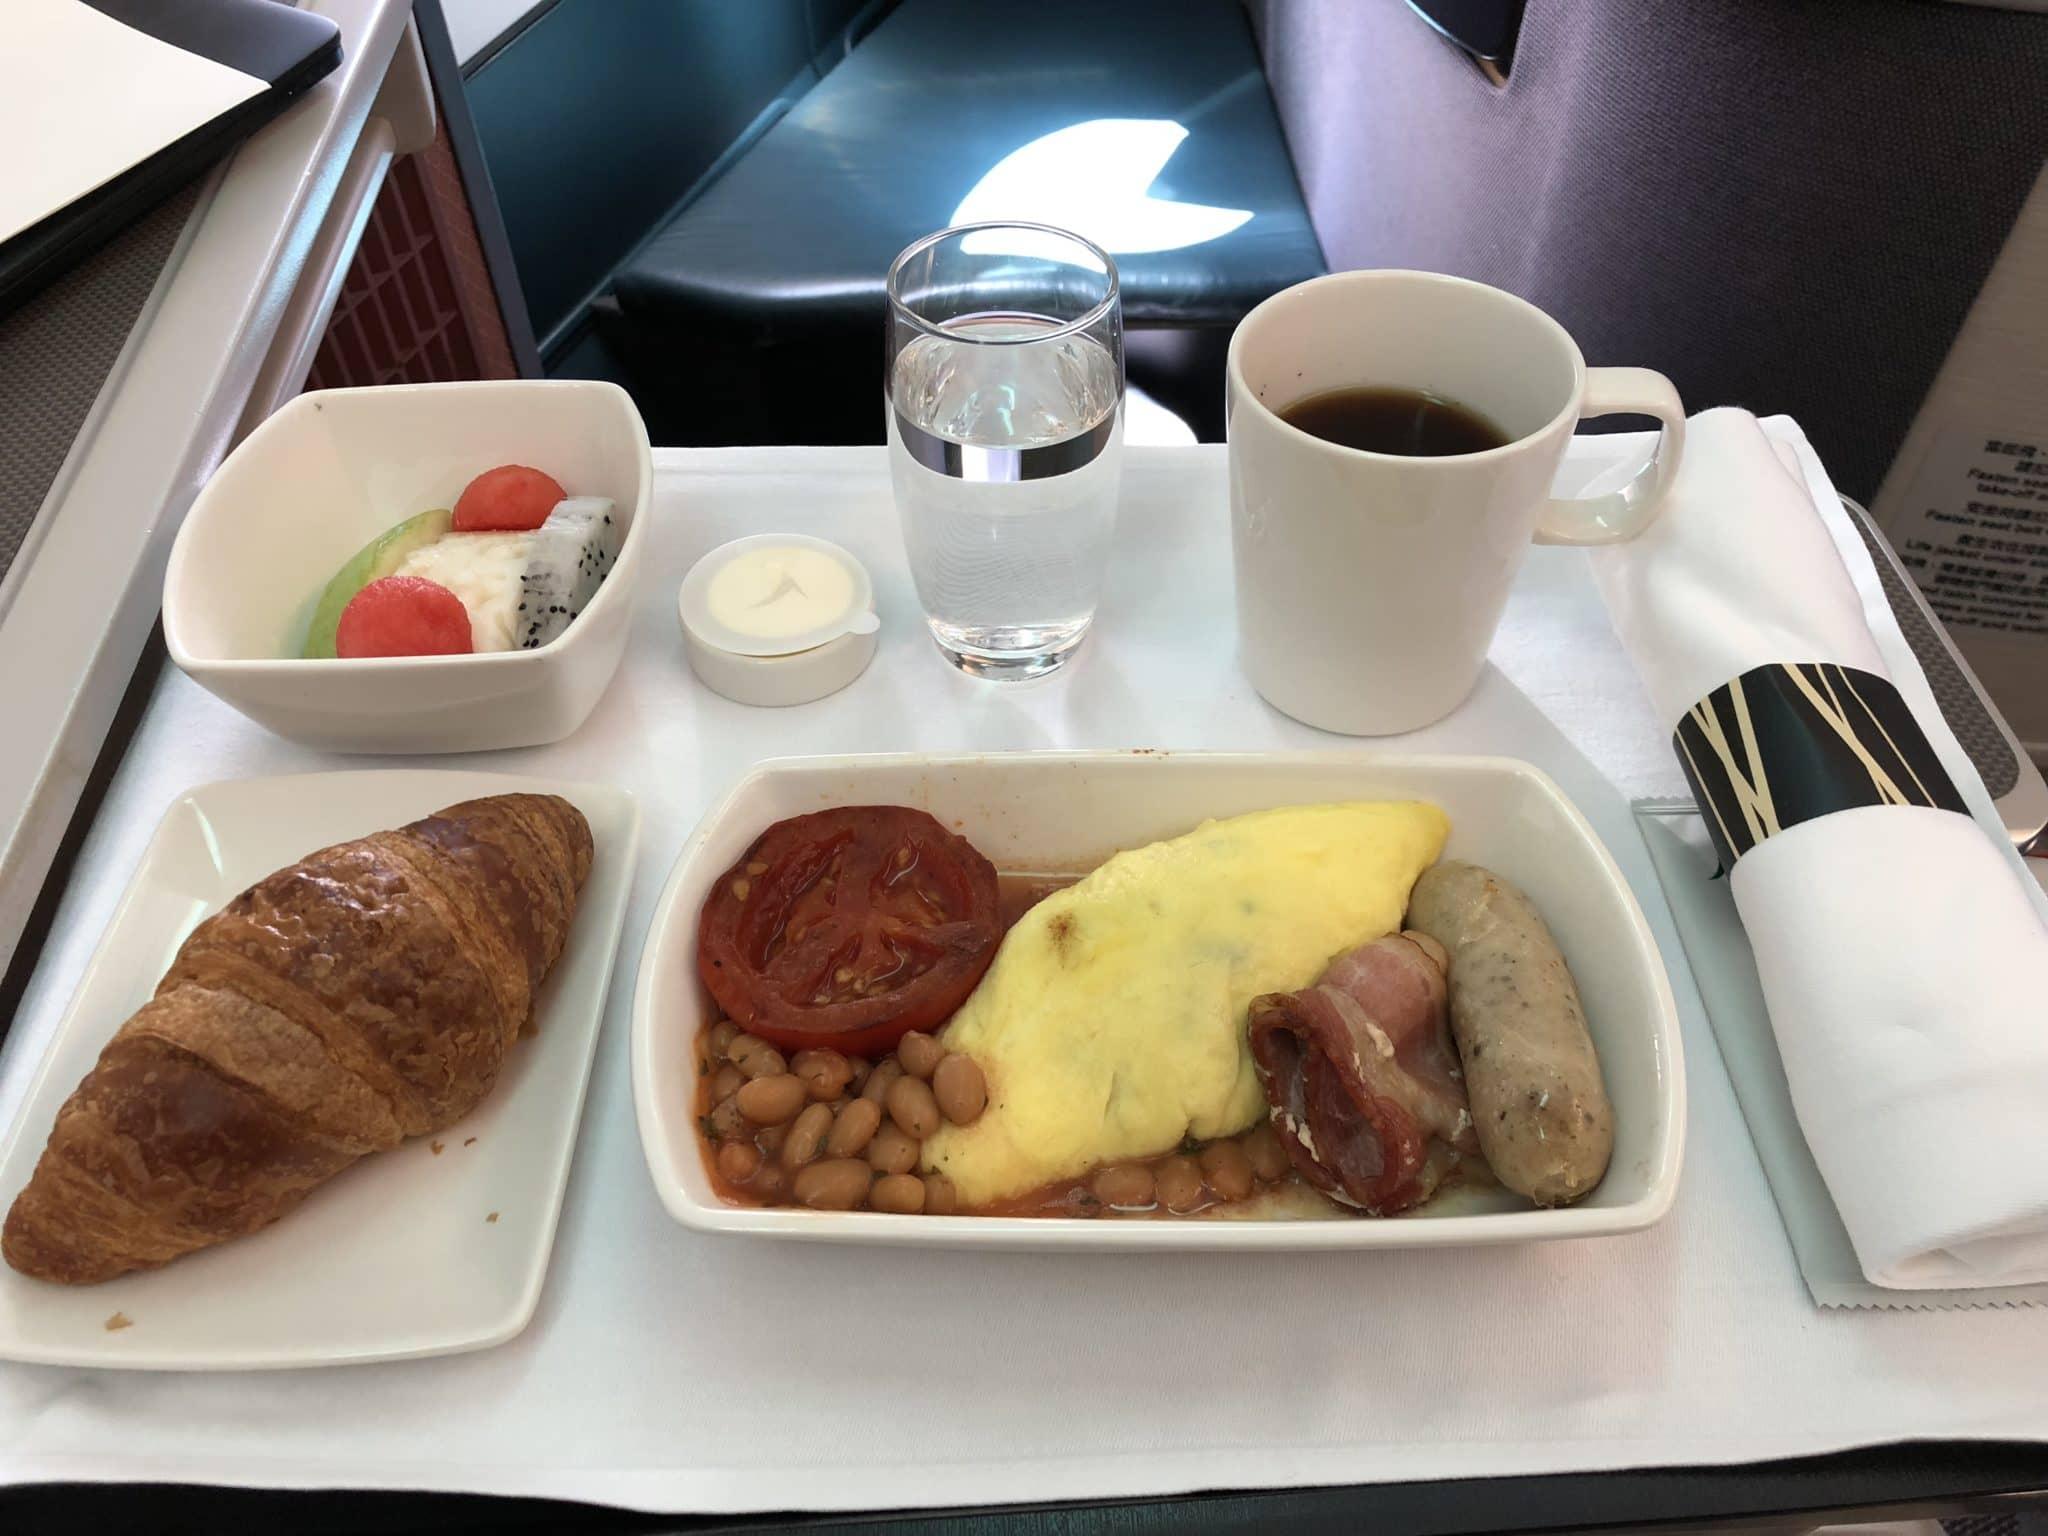 Cathay Pacific Business Class A330 Frühstück